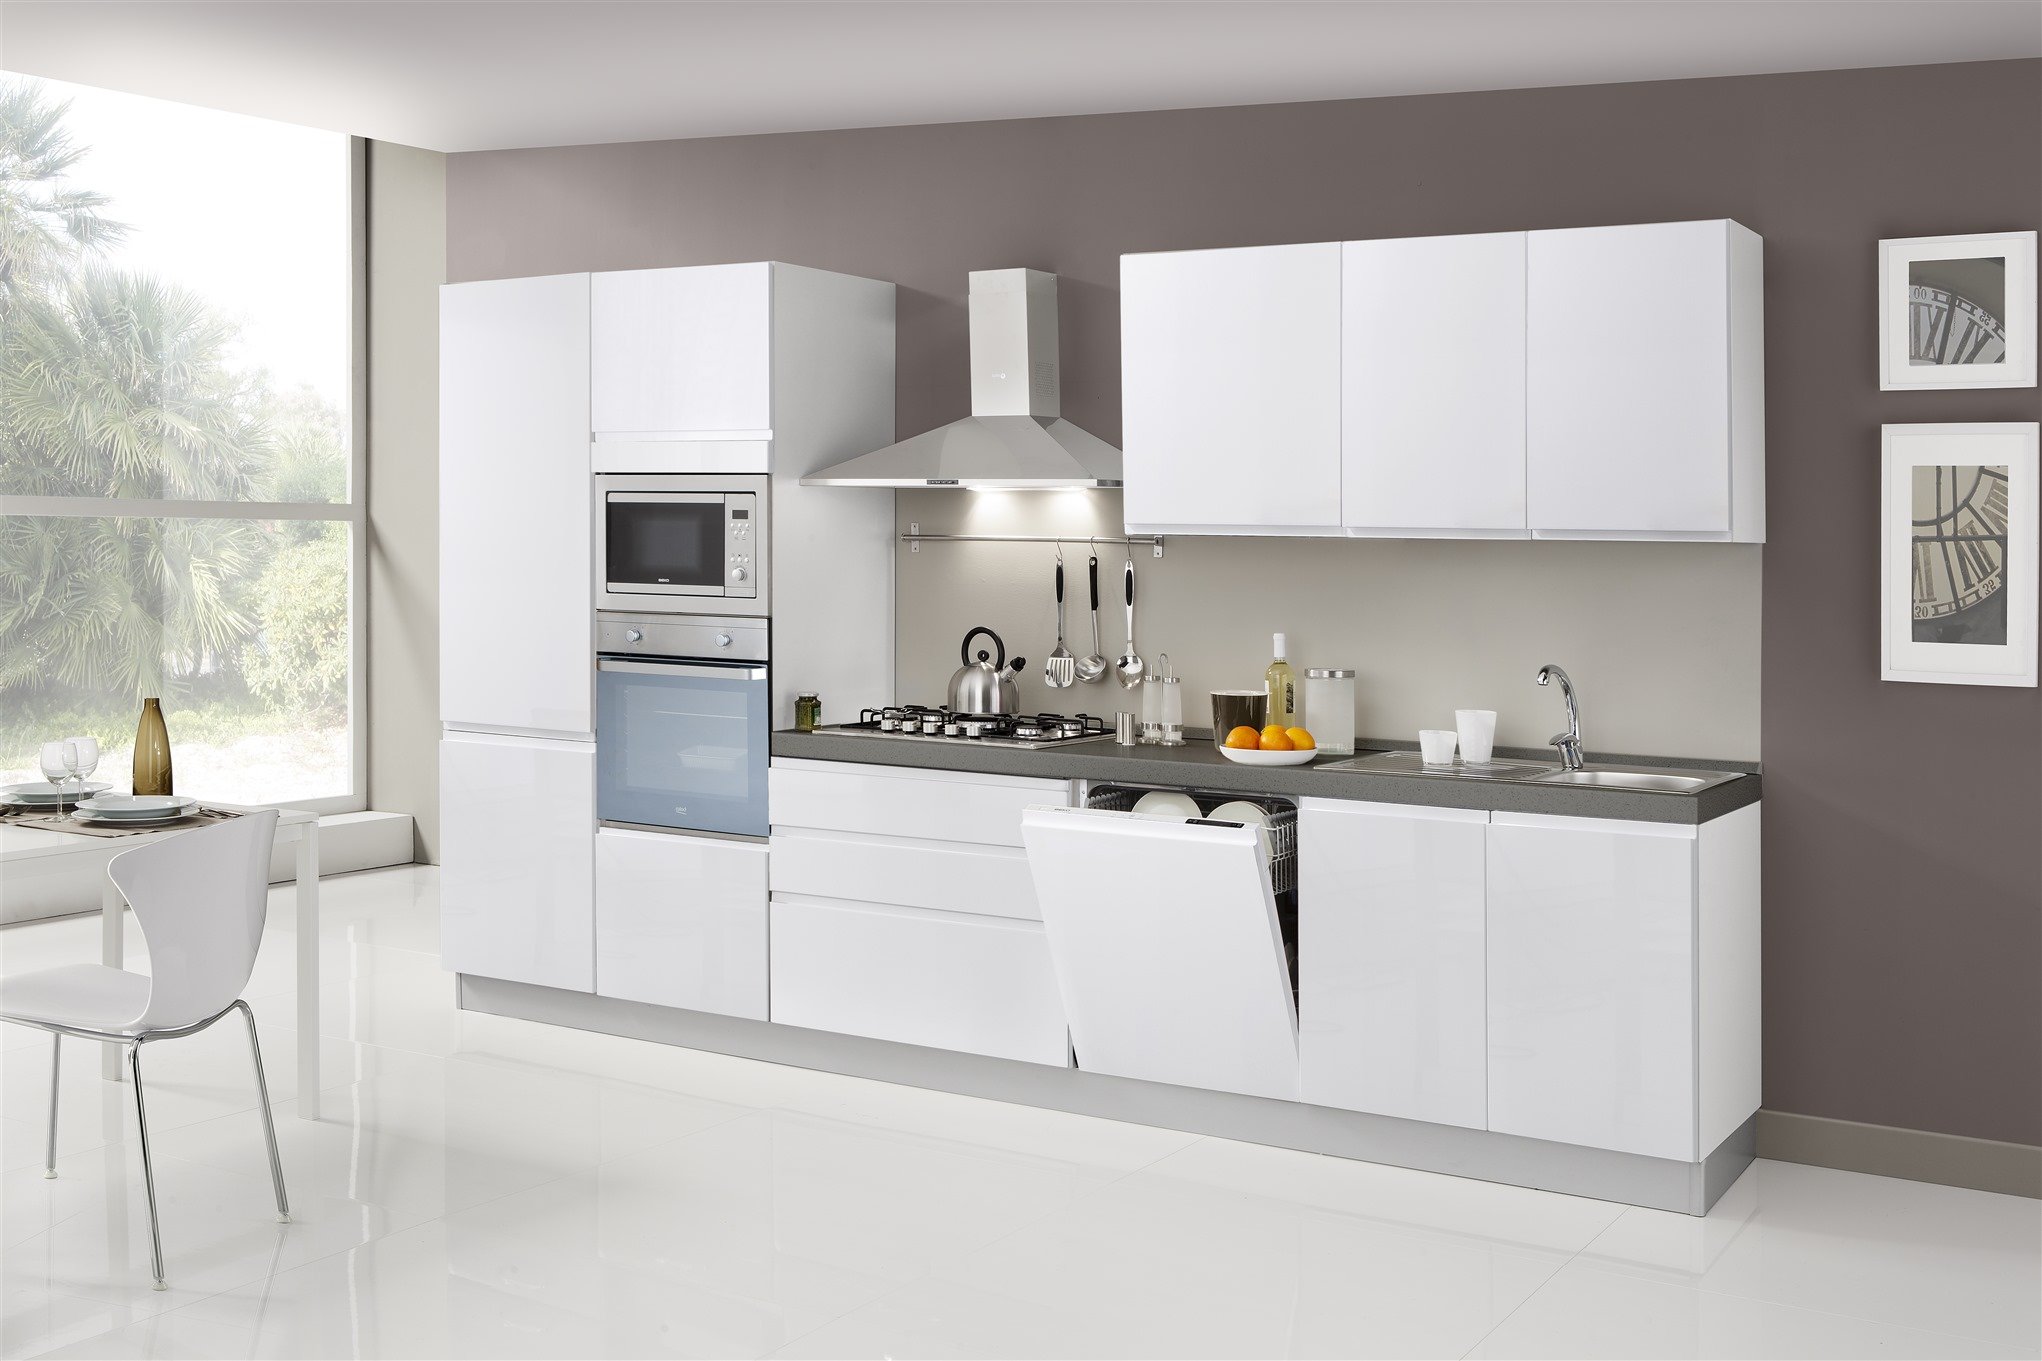 Cucina kelly micro arredamenti di lorenzo napoli for Arredamenti moderni cucine